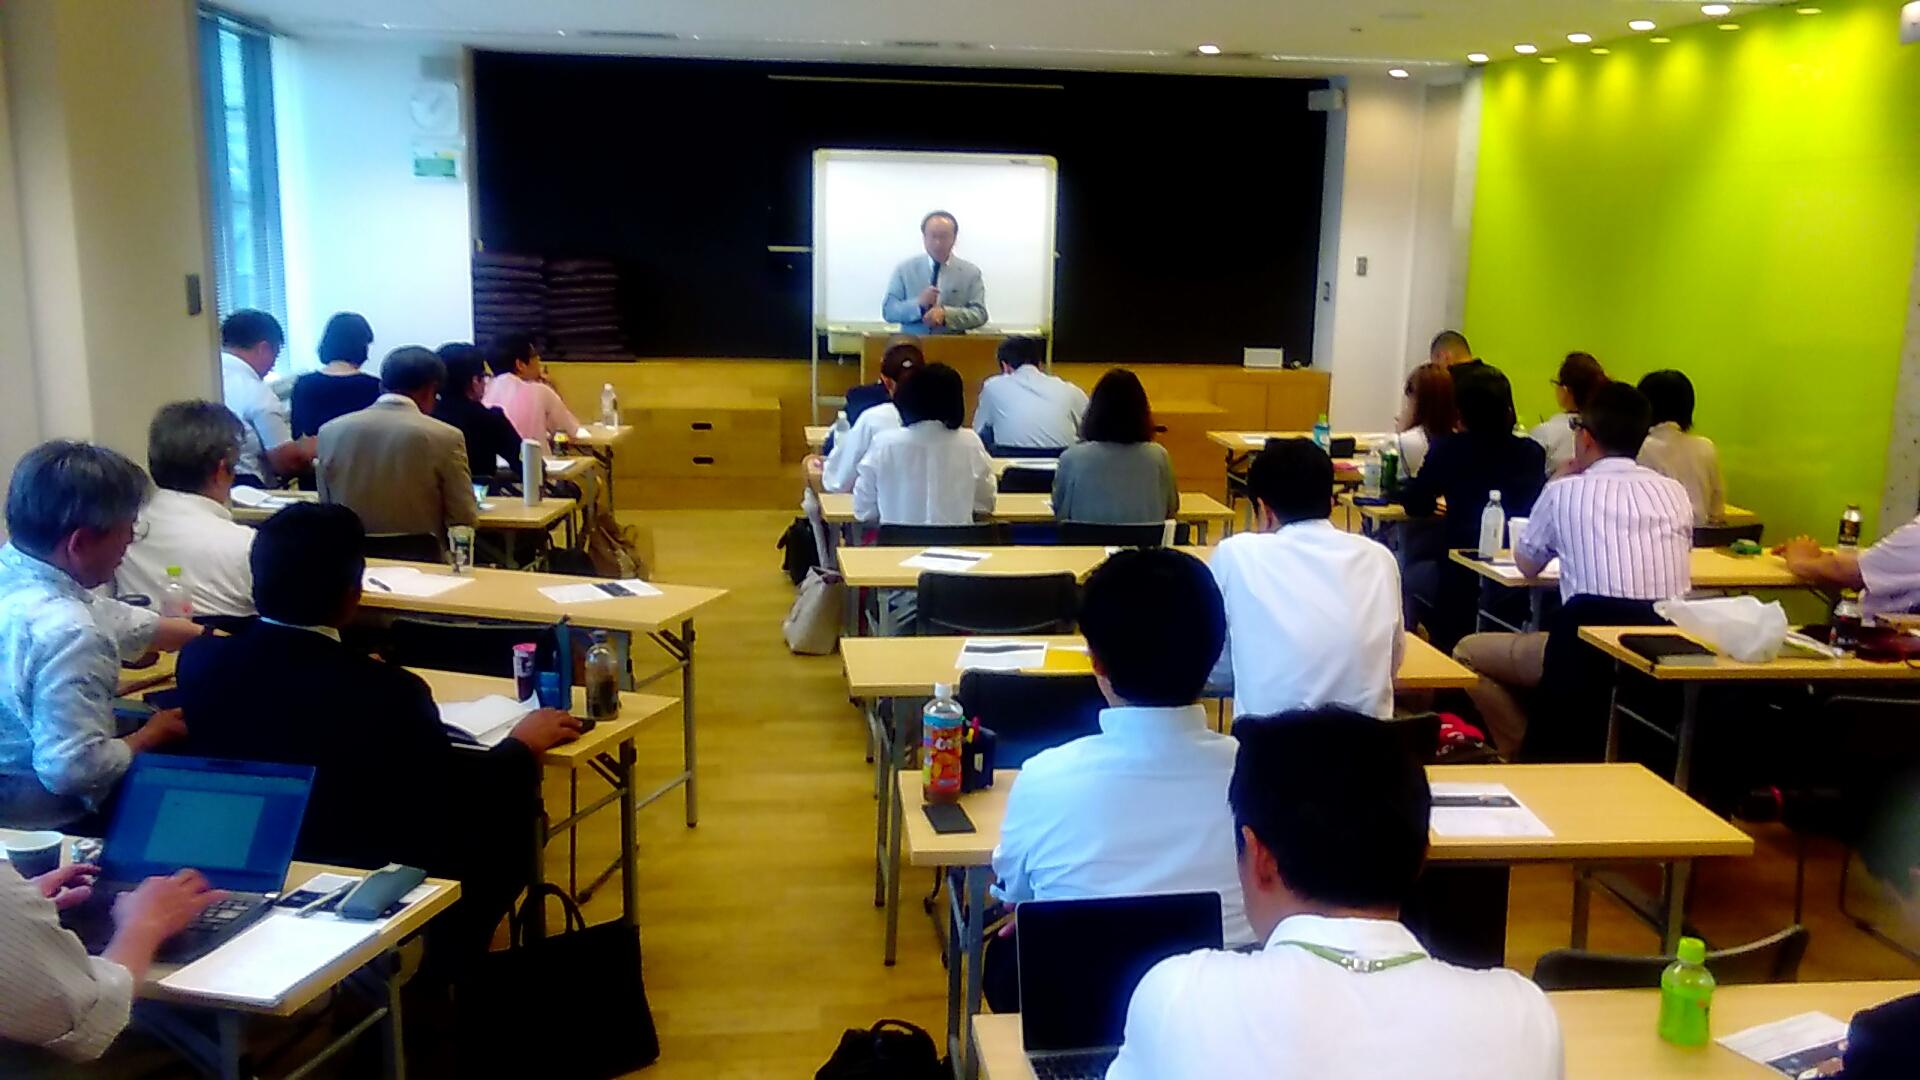 20180602130733 1 - 2018年6月2日東京思風塾開催しました。